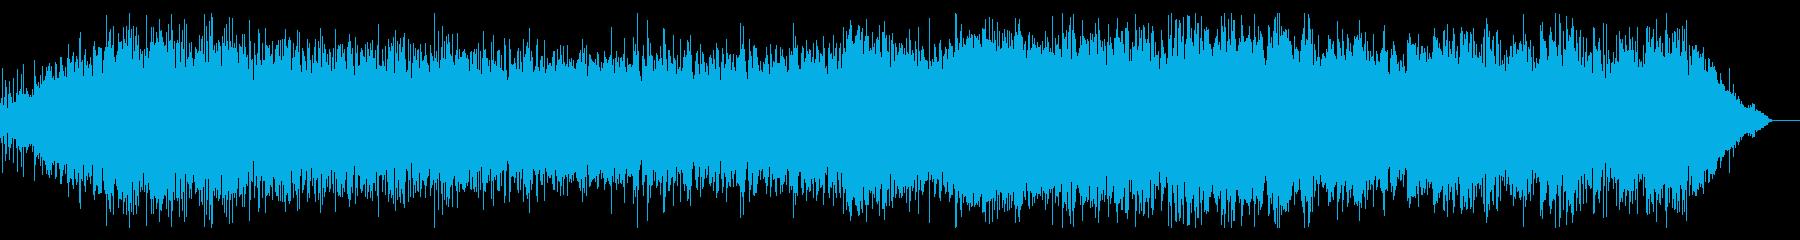 デジタルな雰囲気のシネマティックBGMの再生済みの波形